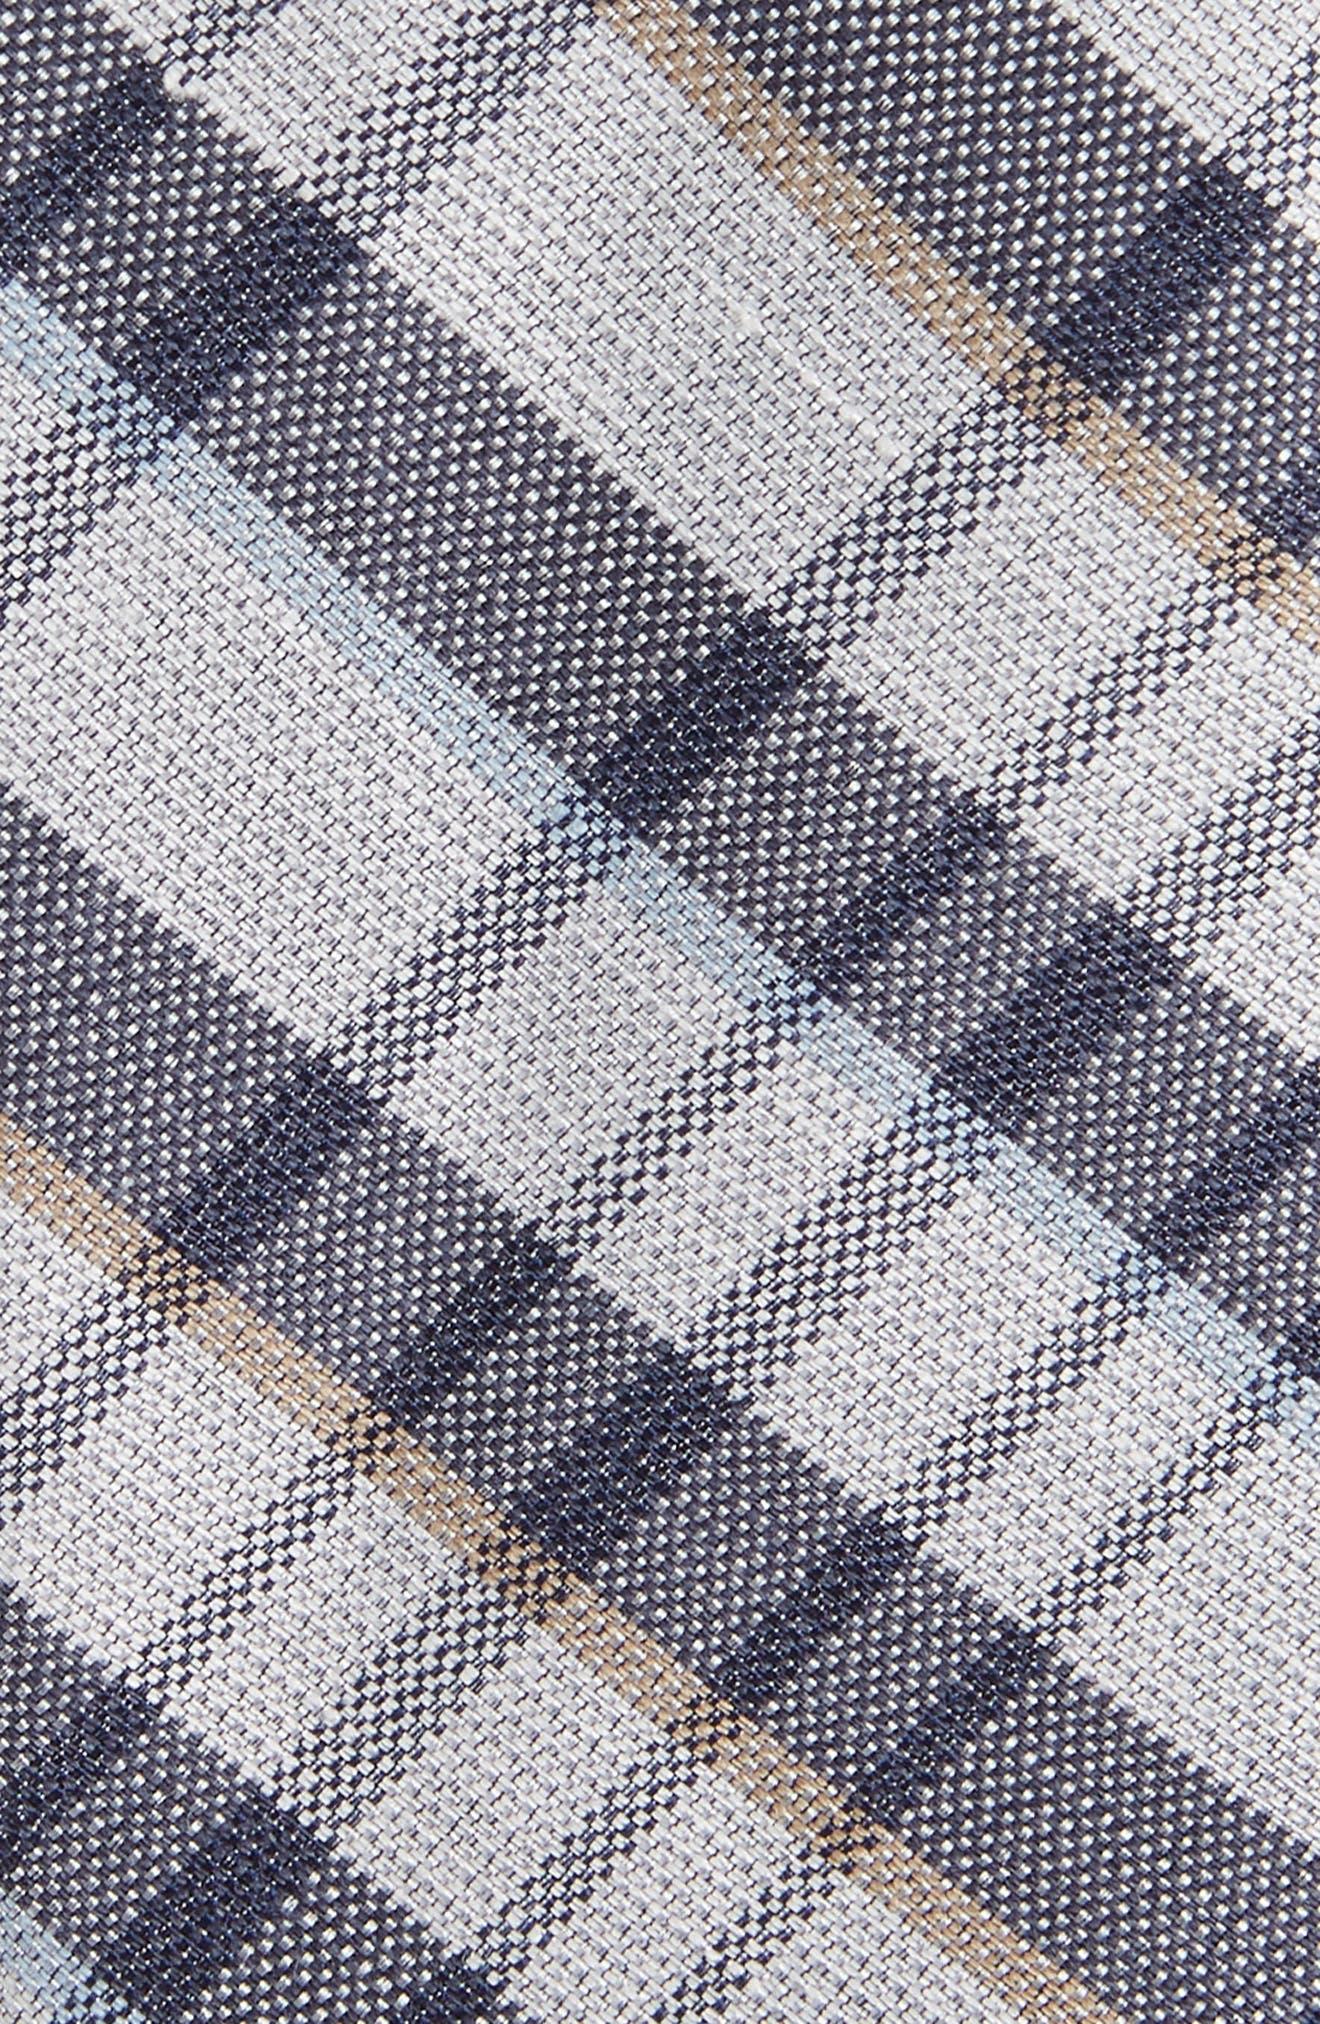 Duffy Plaid Linen & Silk Tie,                             Alternate thumbnail 2, color,                             410